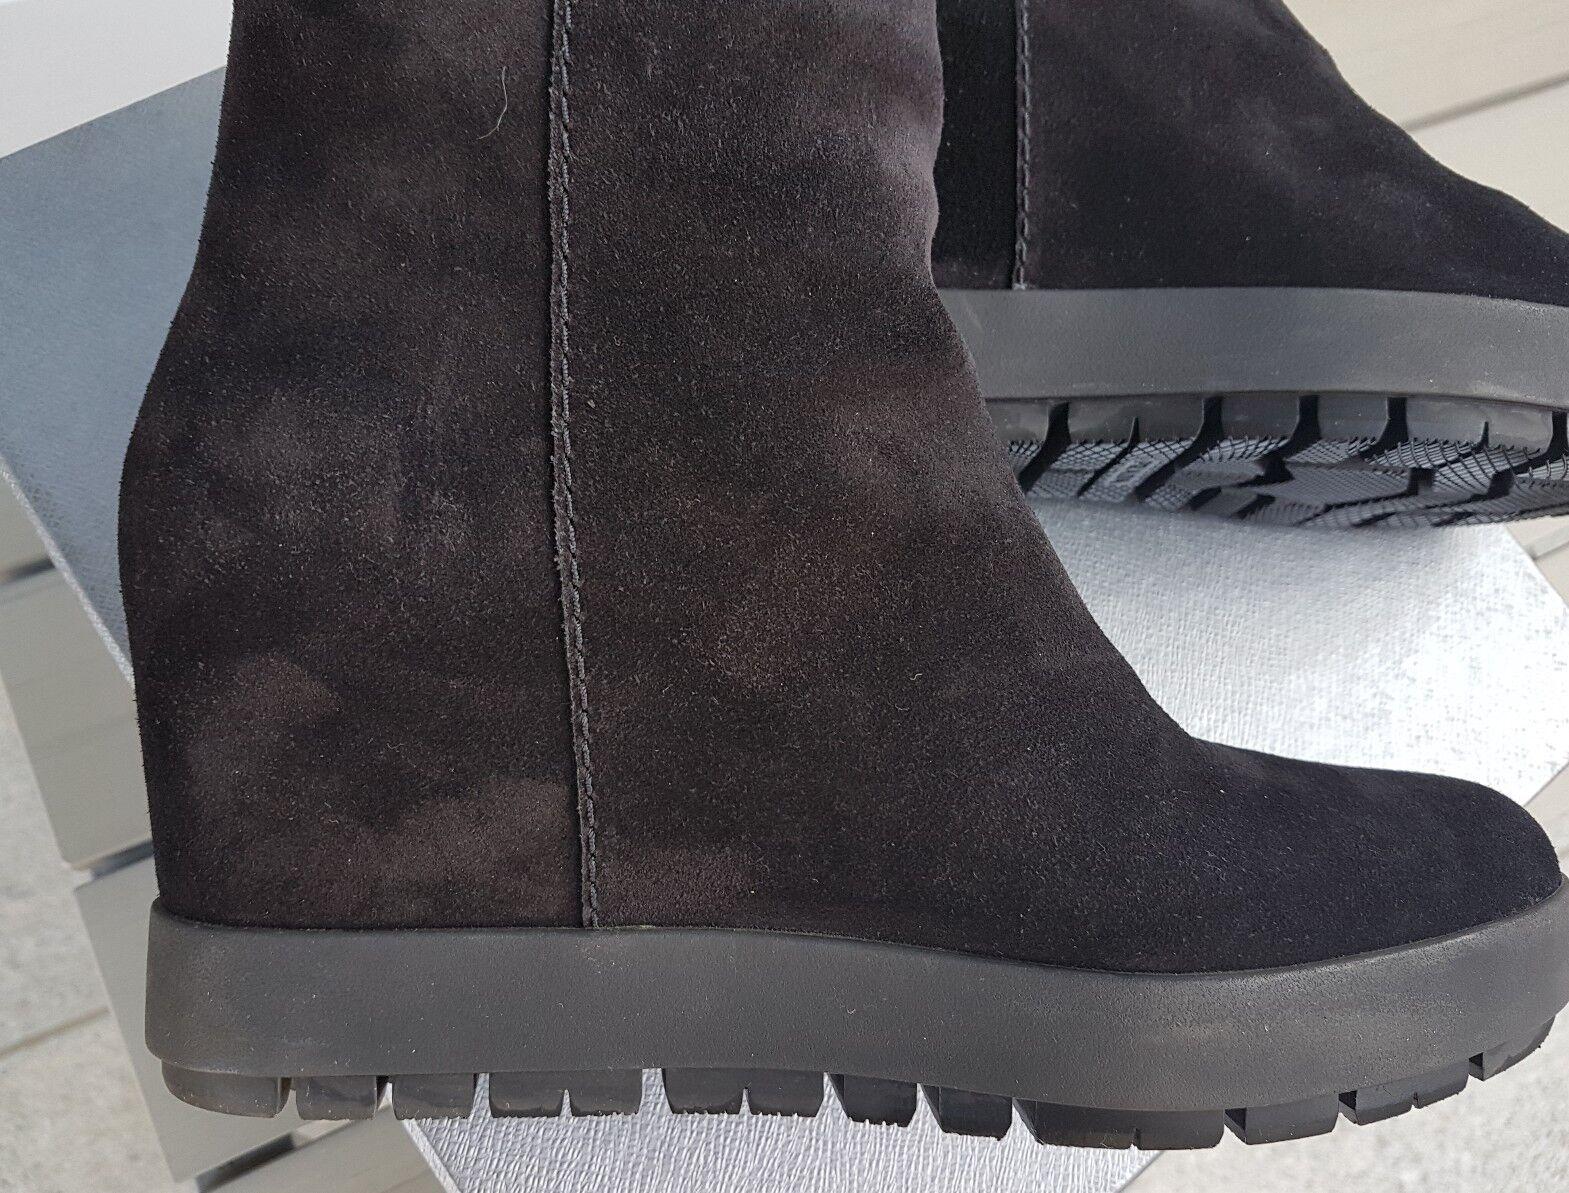 Grandes zapatos con descuento Stivali donna Prada camoscio nero 40 IT con tacco plateau